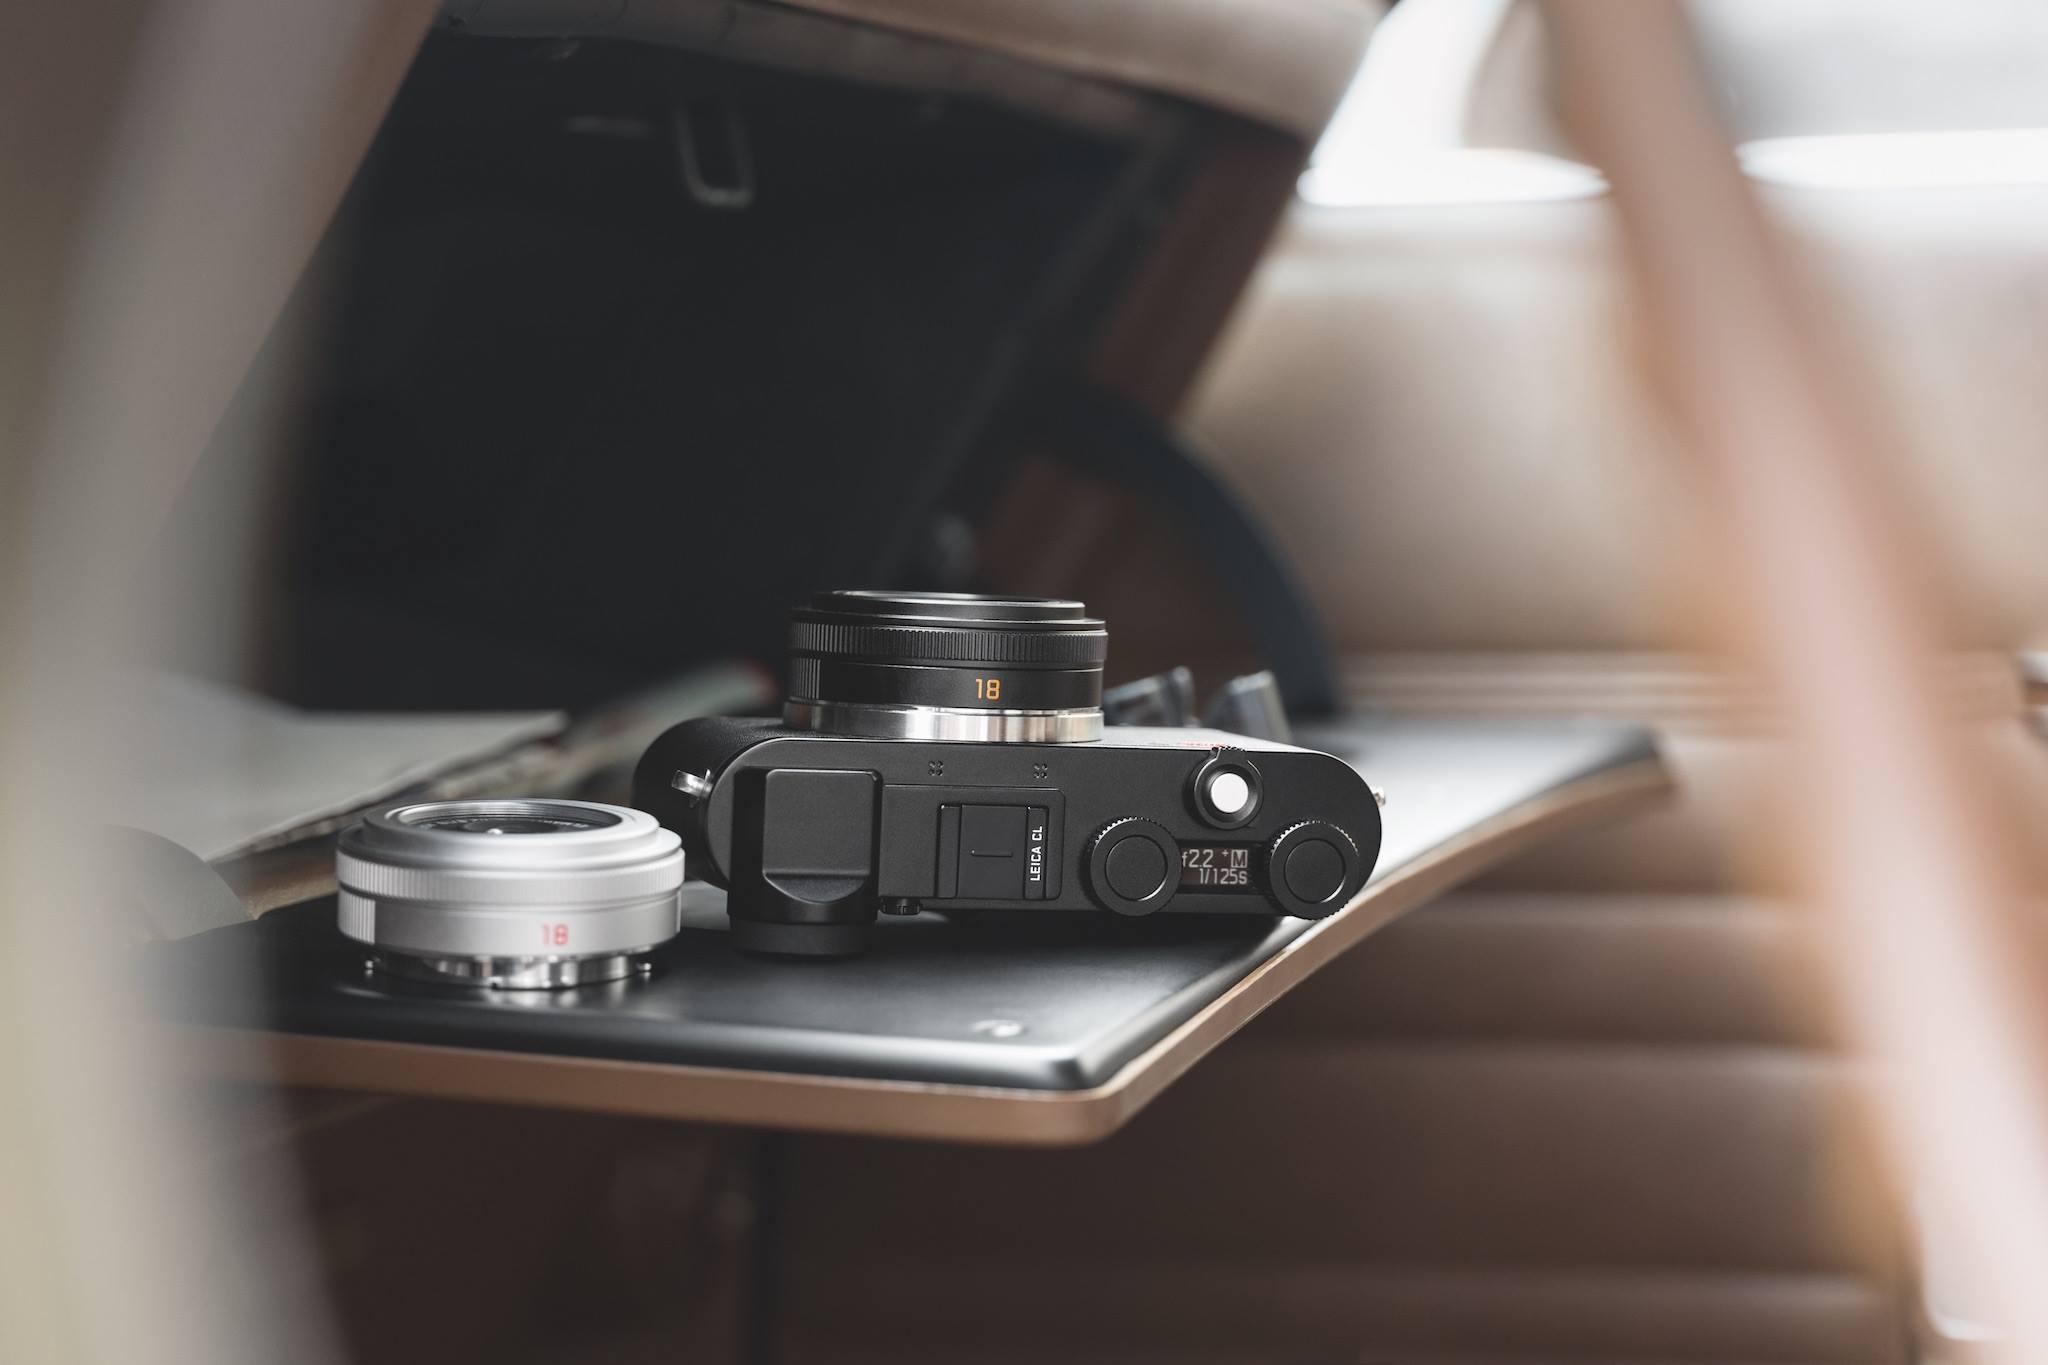 Leica M6 Entfernungsmesser Justieren : Leica cl digital ebay calendarios hd